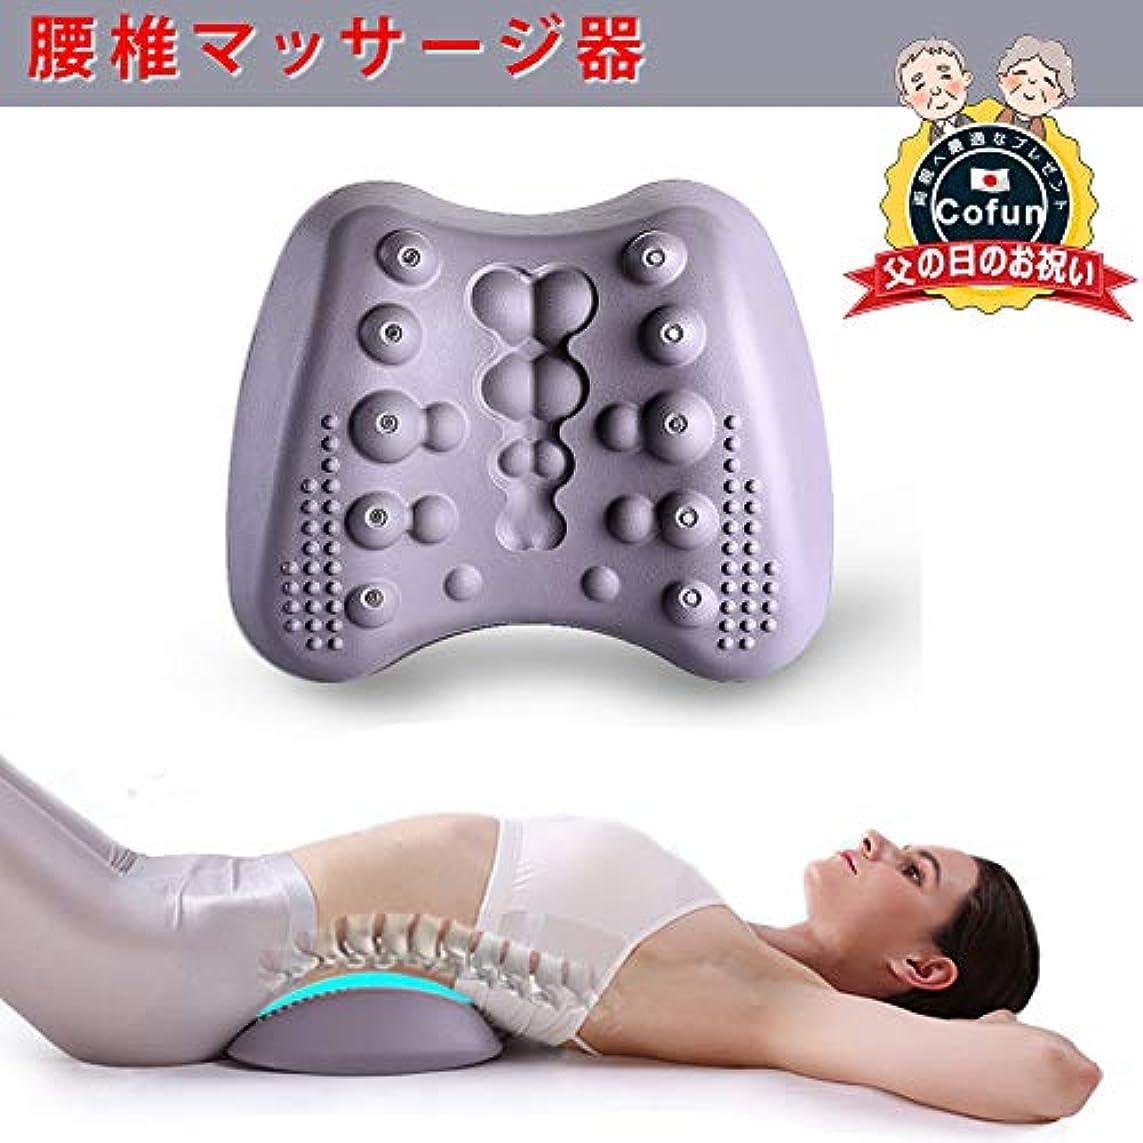 散るバッチきょうだい腰椎矯正器 腰マッサージ器 脊椎牽引器 腰部パッド マグネット指圧 疲労を和らげる 腰痛を和らげる